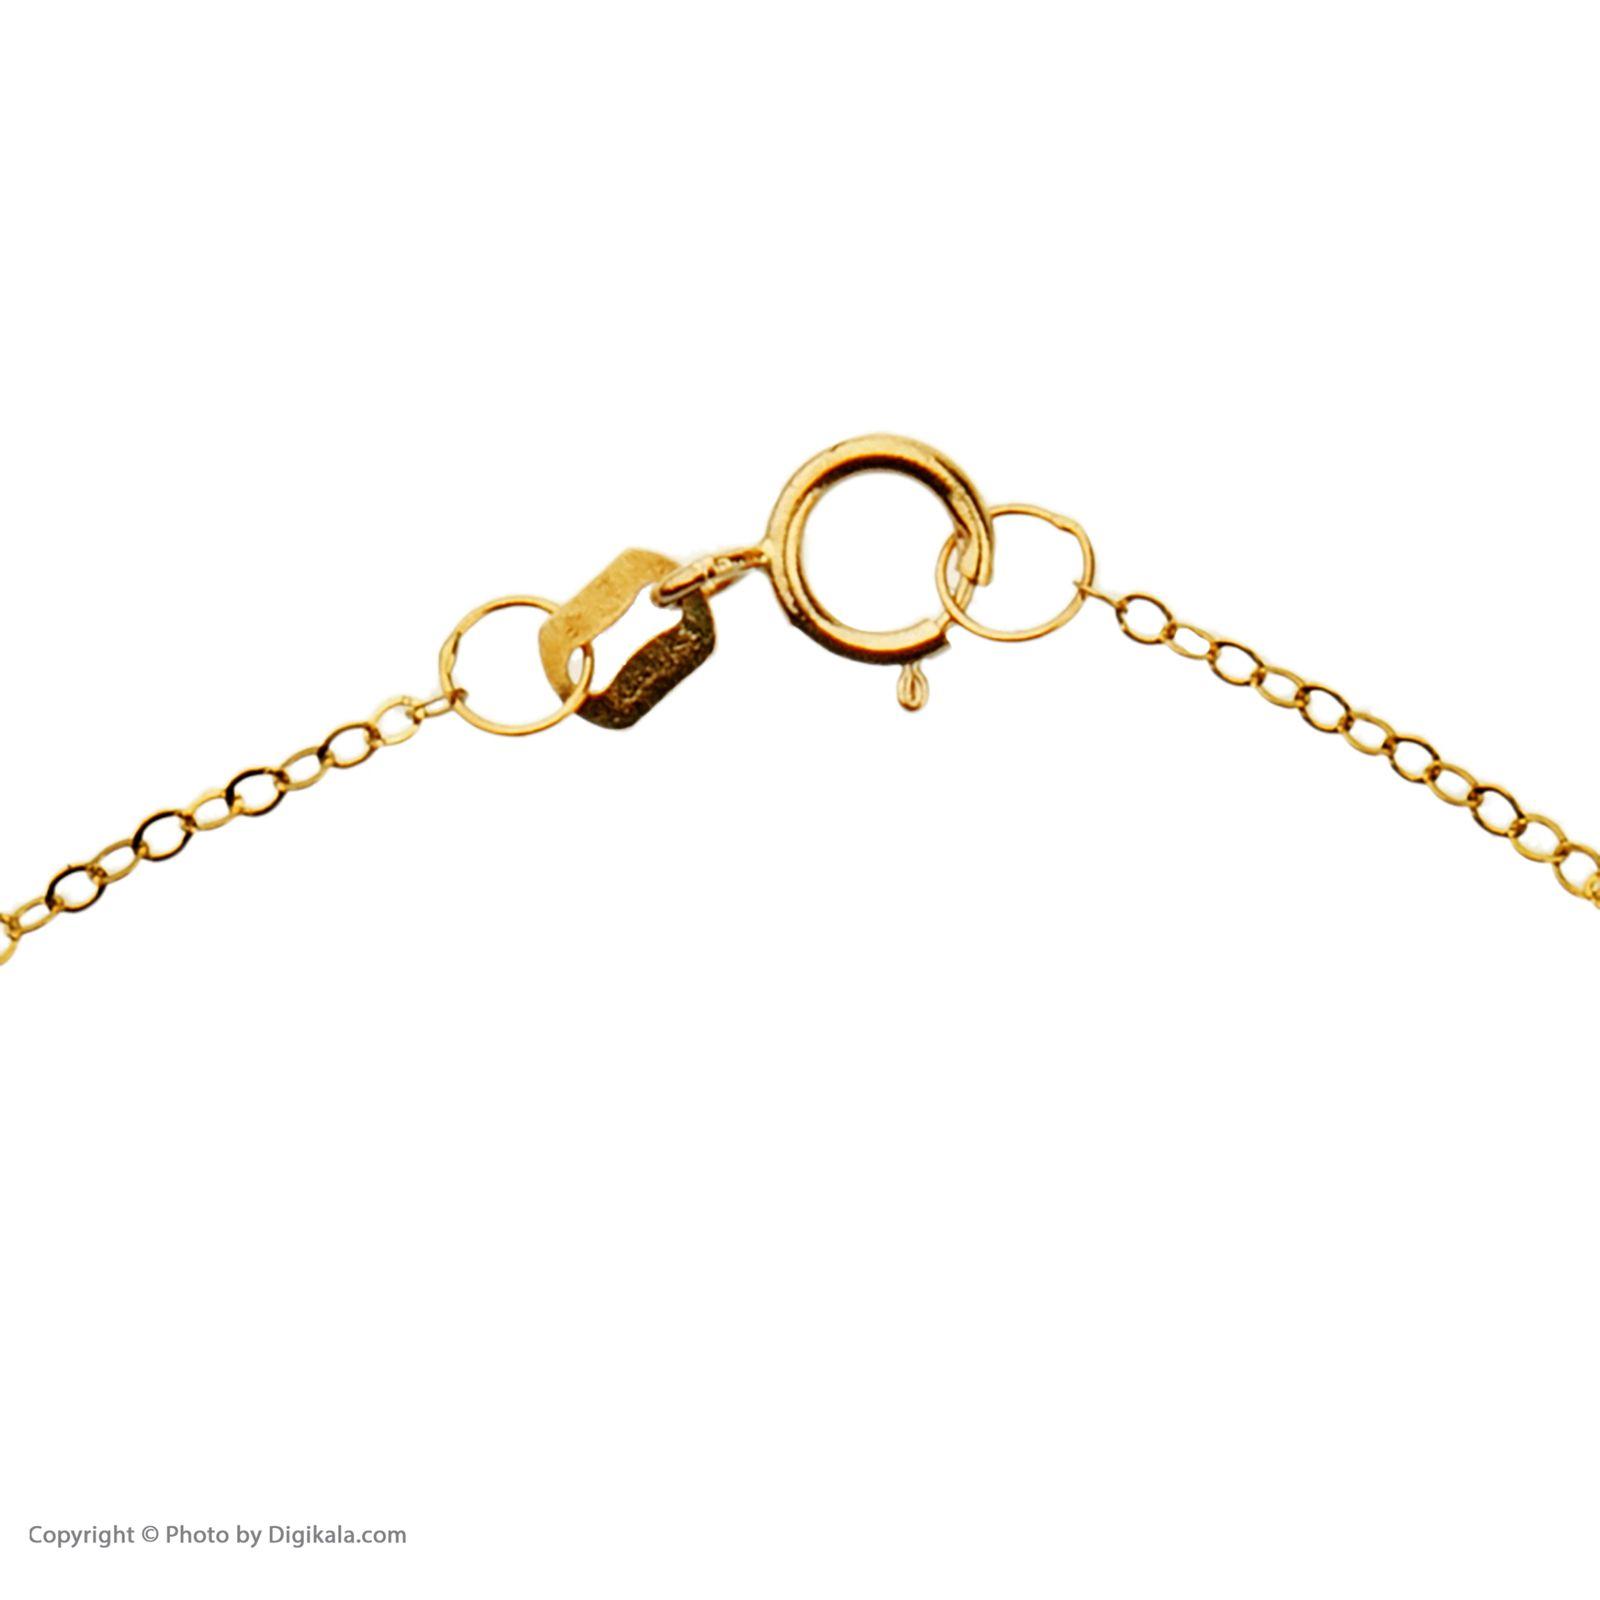 دستبند طلا 18 عیار زنانه میو گلد مدل GD605 -  - 5